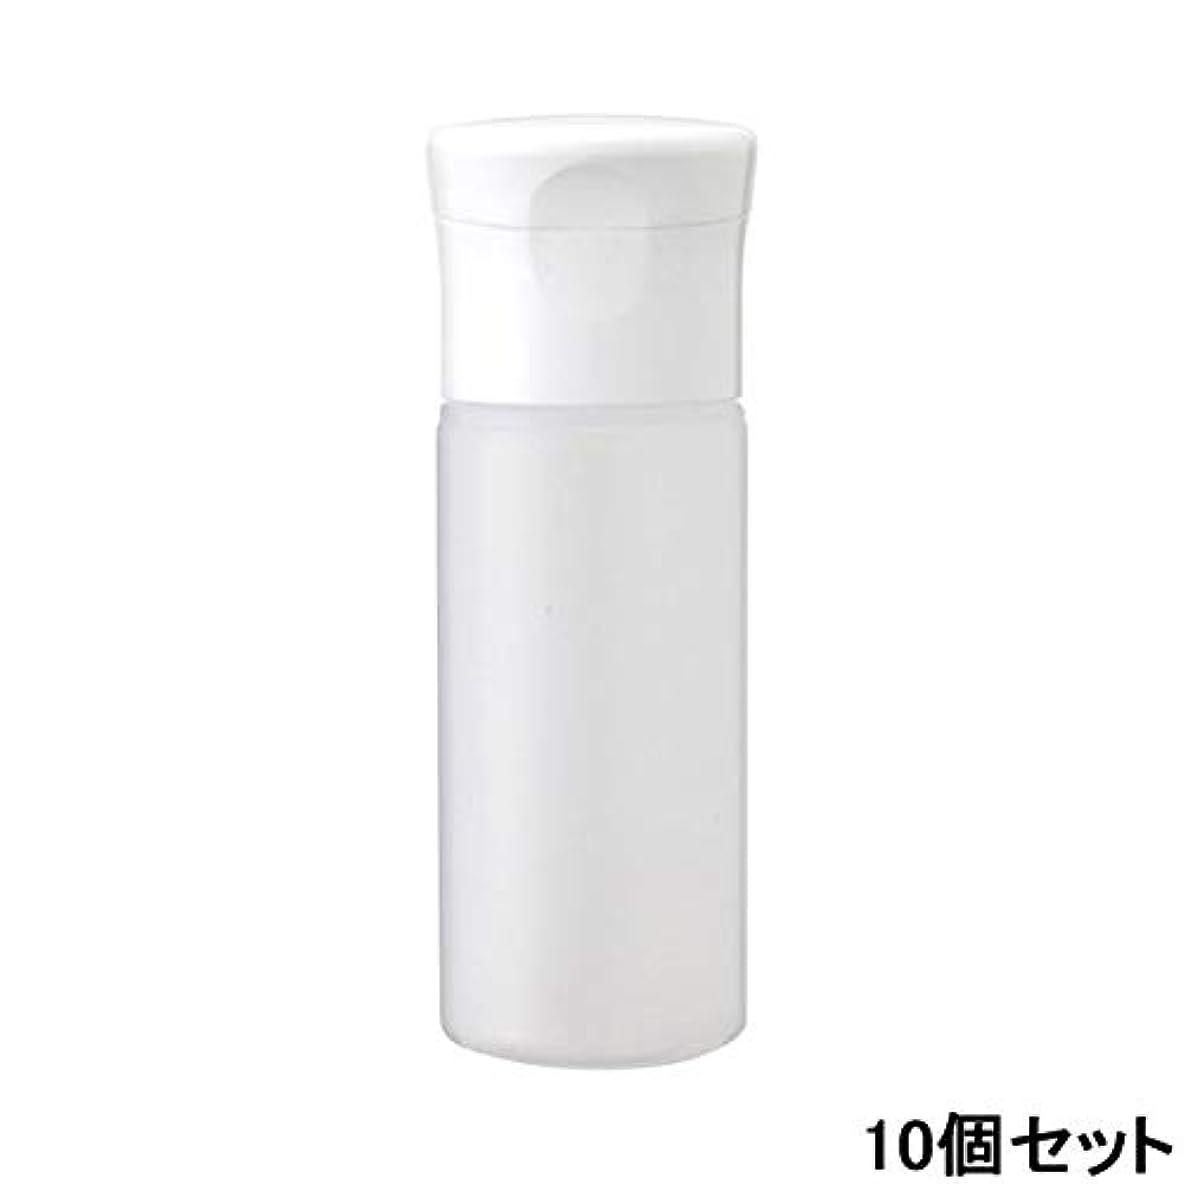 トラブル明るい悩むペットボトル容器 半透明 30mL (ワンタッチキャップ付き) (10個セット) [ ペットボトル 空ボトル 空容器 ワンタッチ キャップ 詰替え 別売スプレーヘッド対応 別売ポンプヘッド対応 ]